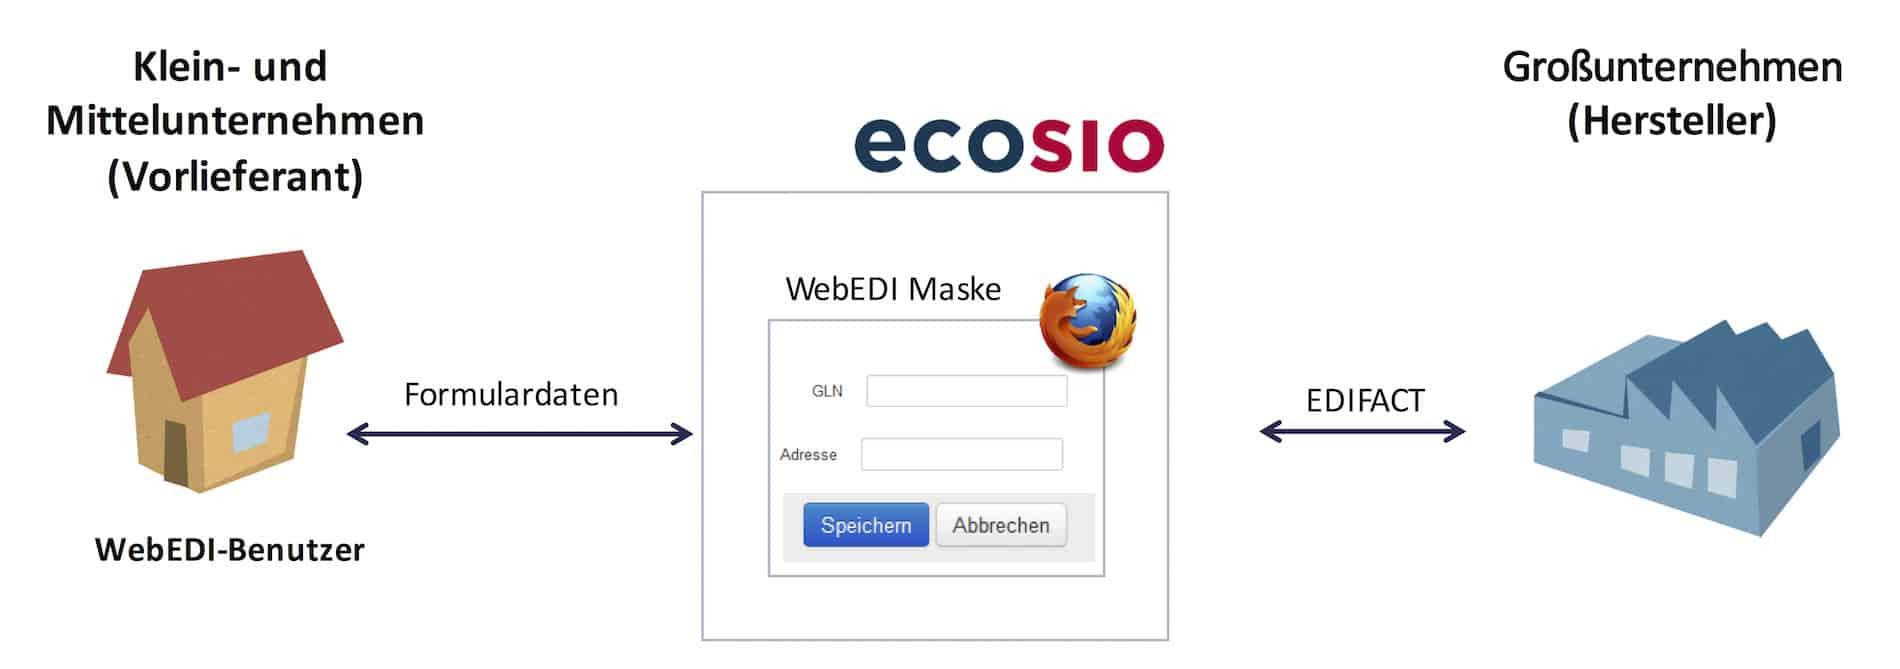 Konzept einer WebEDI-Anbindung